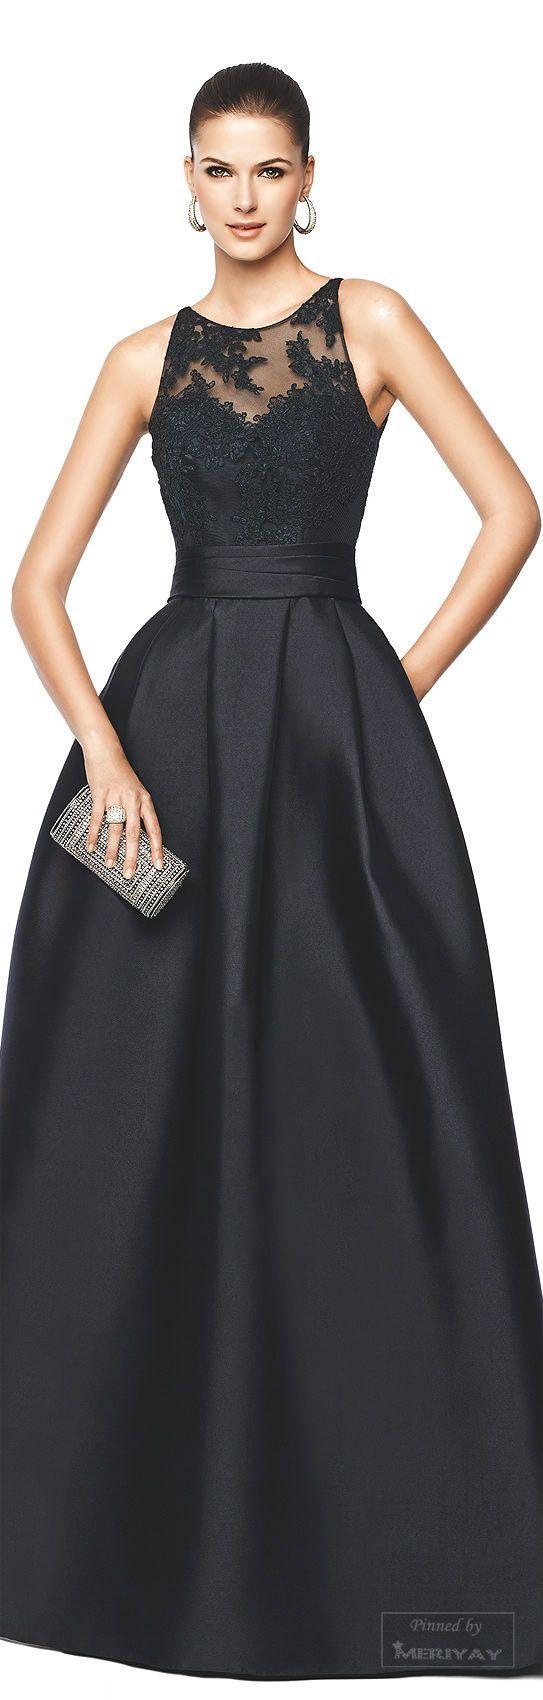 Más de 40 vestidos de fiesta color negro | Vestidos Glam